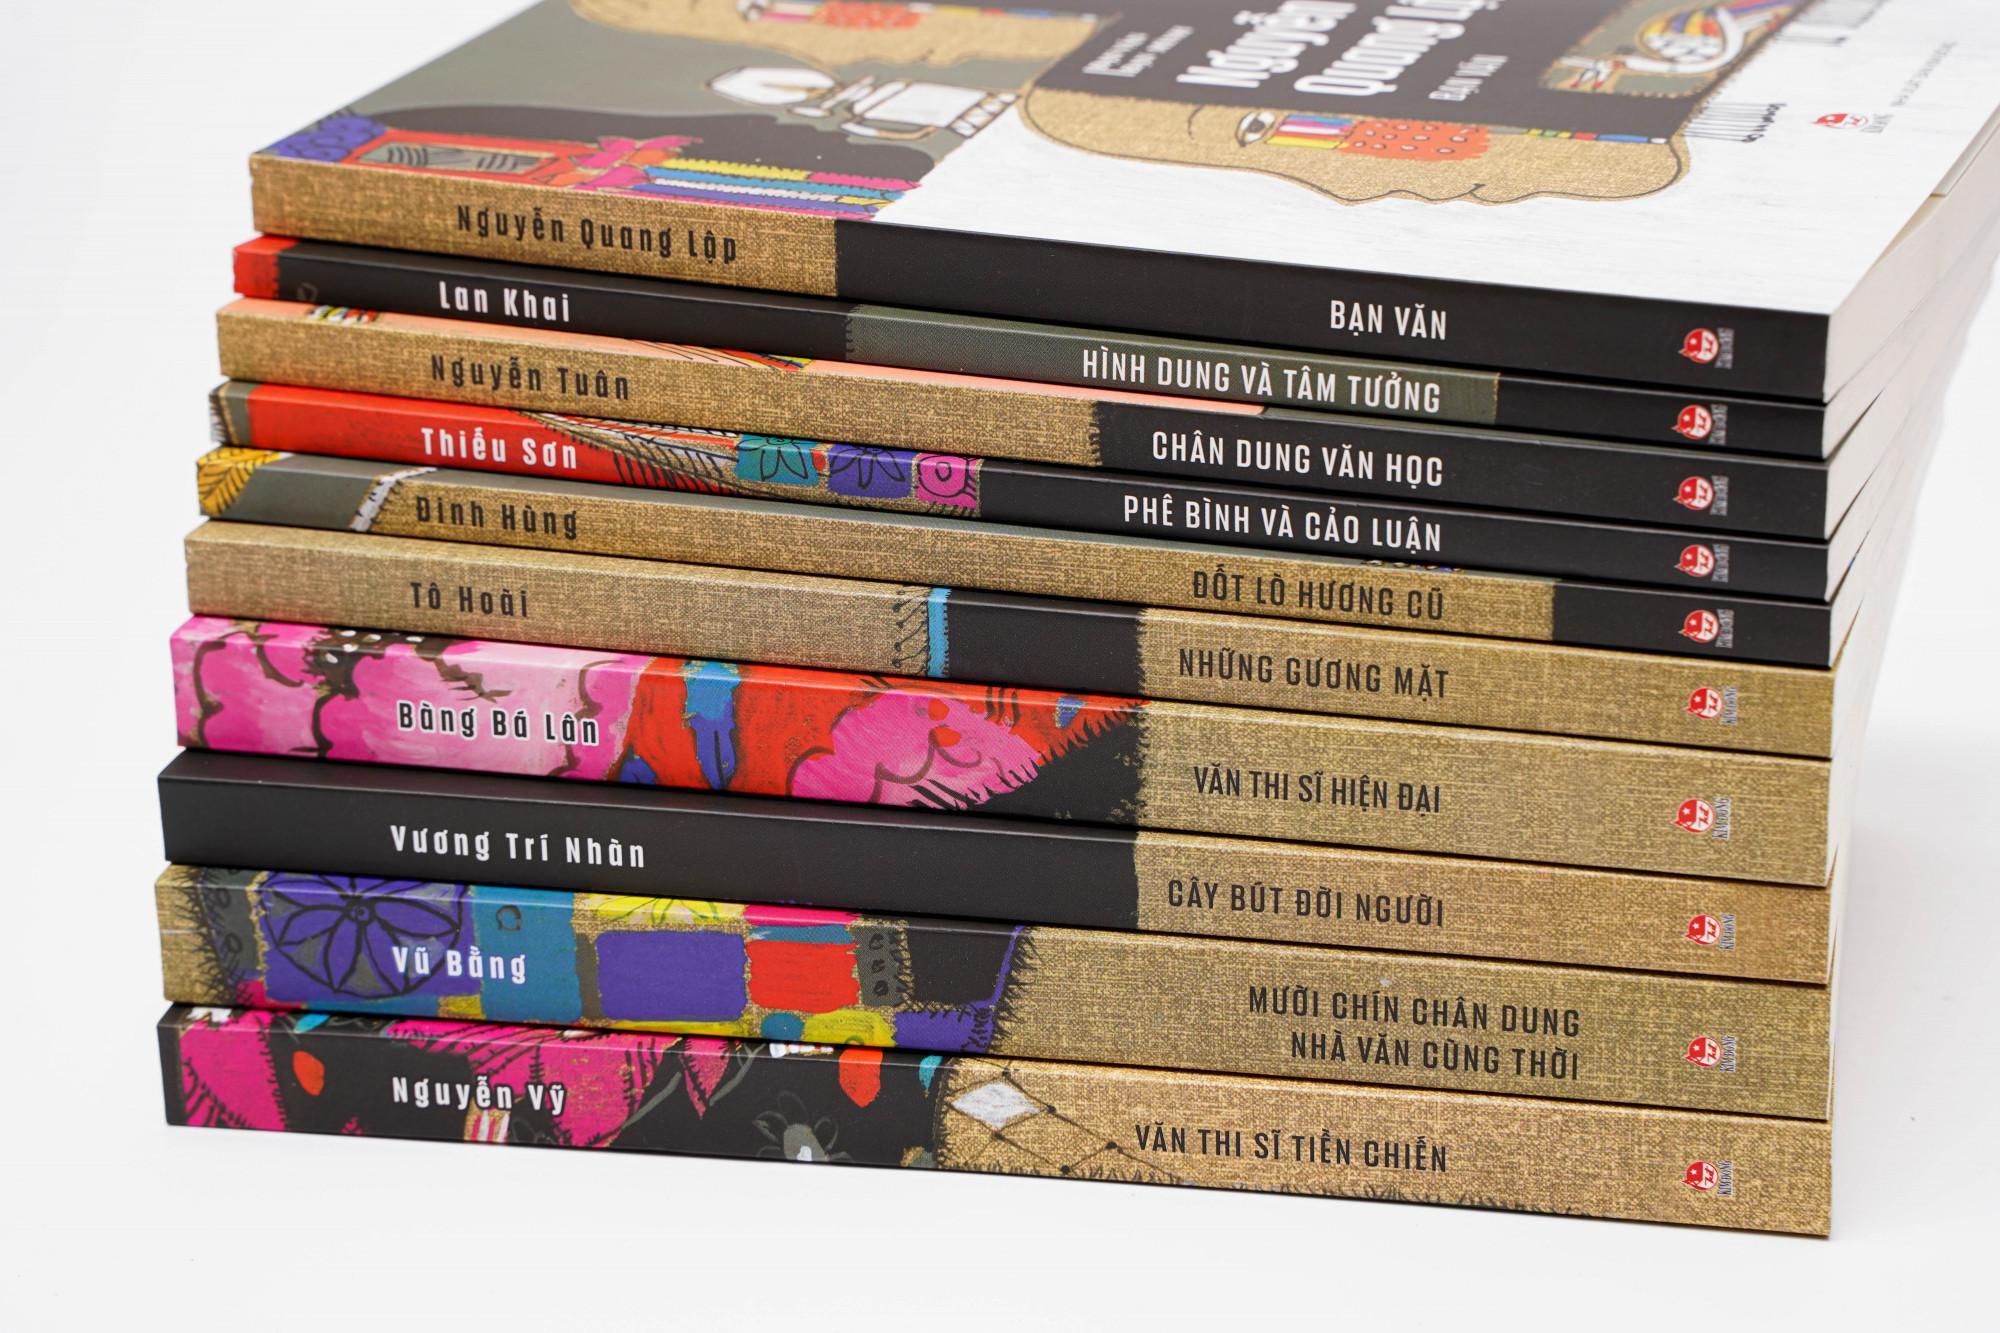 Bạn Văn Bạn Mình, tập hợp những cuốn sách chân dung văn học đặc sắc nhất của các nhà văn, nhà thơ nổi tiếng viết về những người bạn của mình